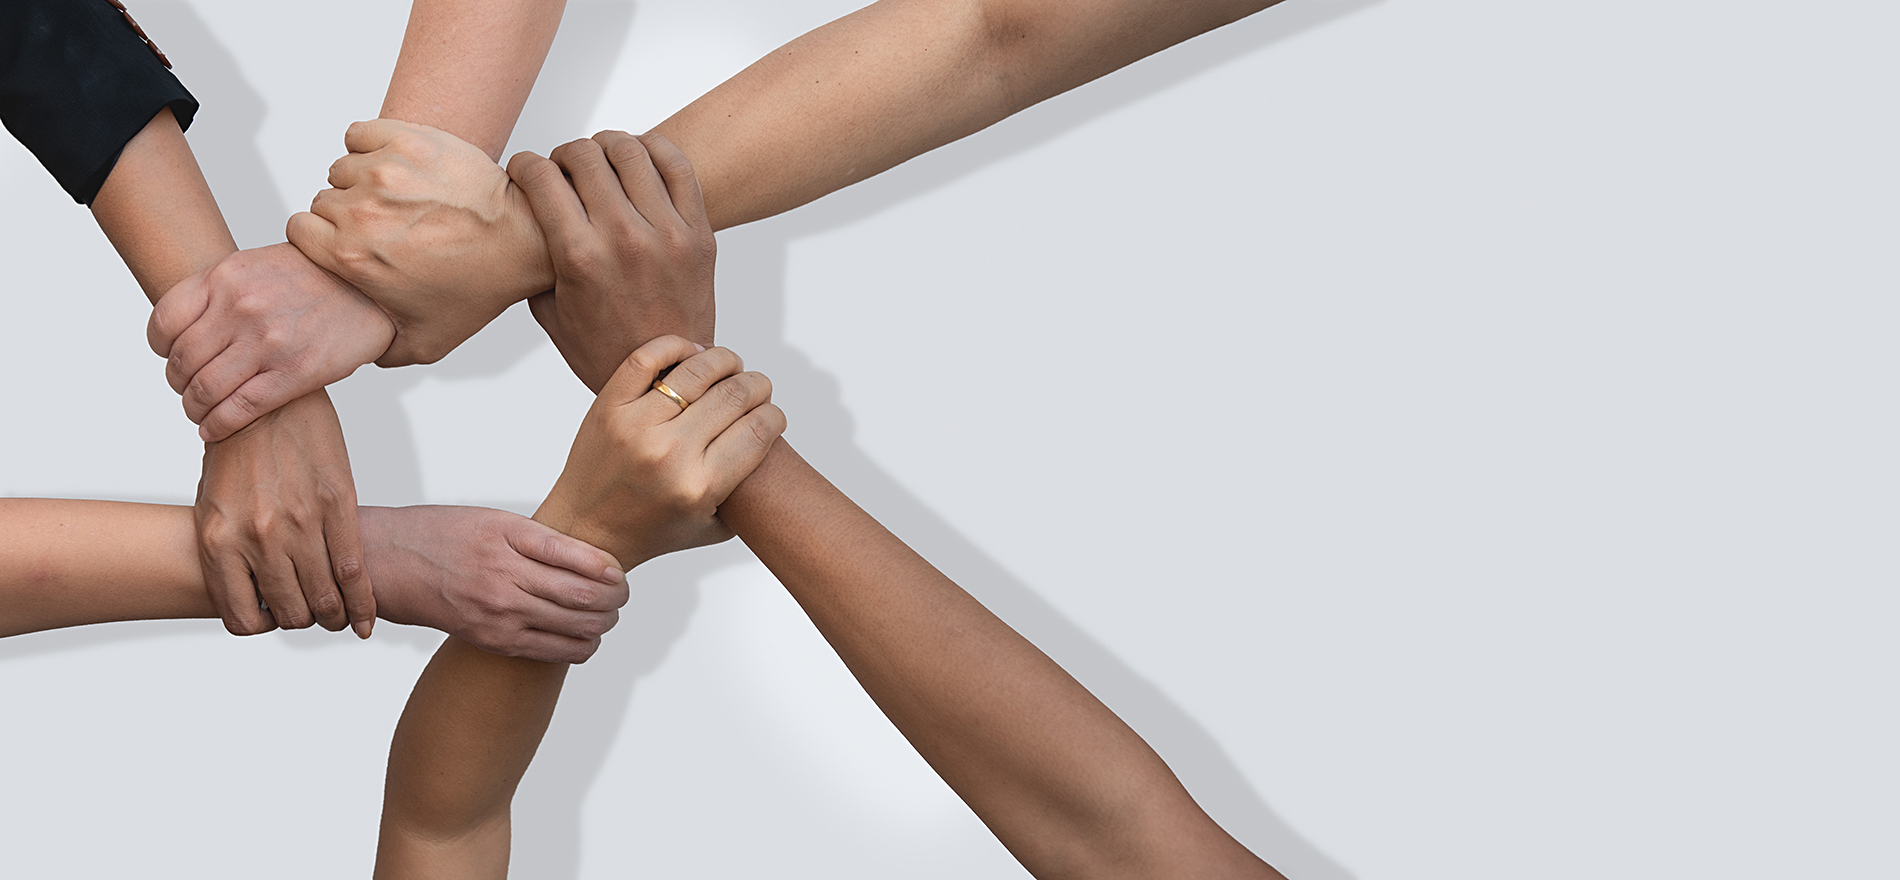 『活力』とは 将来に向けての事業拡大への活力源であり、 困難に立ち向かう挑戦的な集団であります。